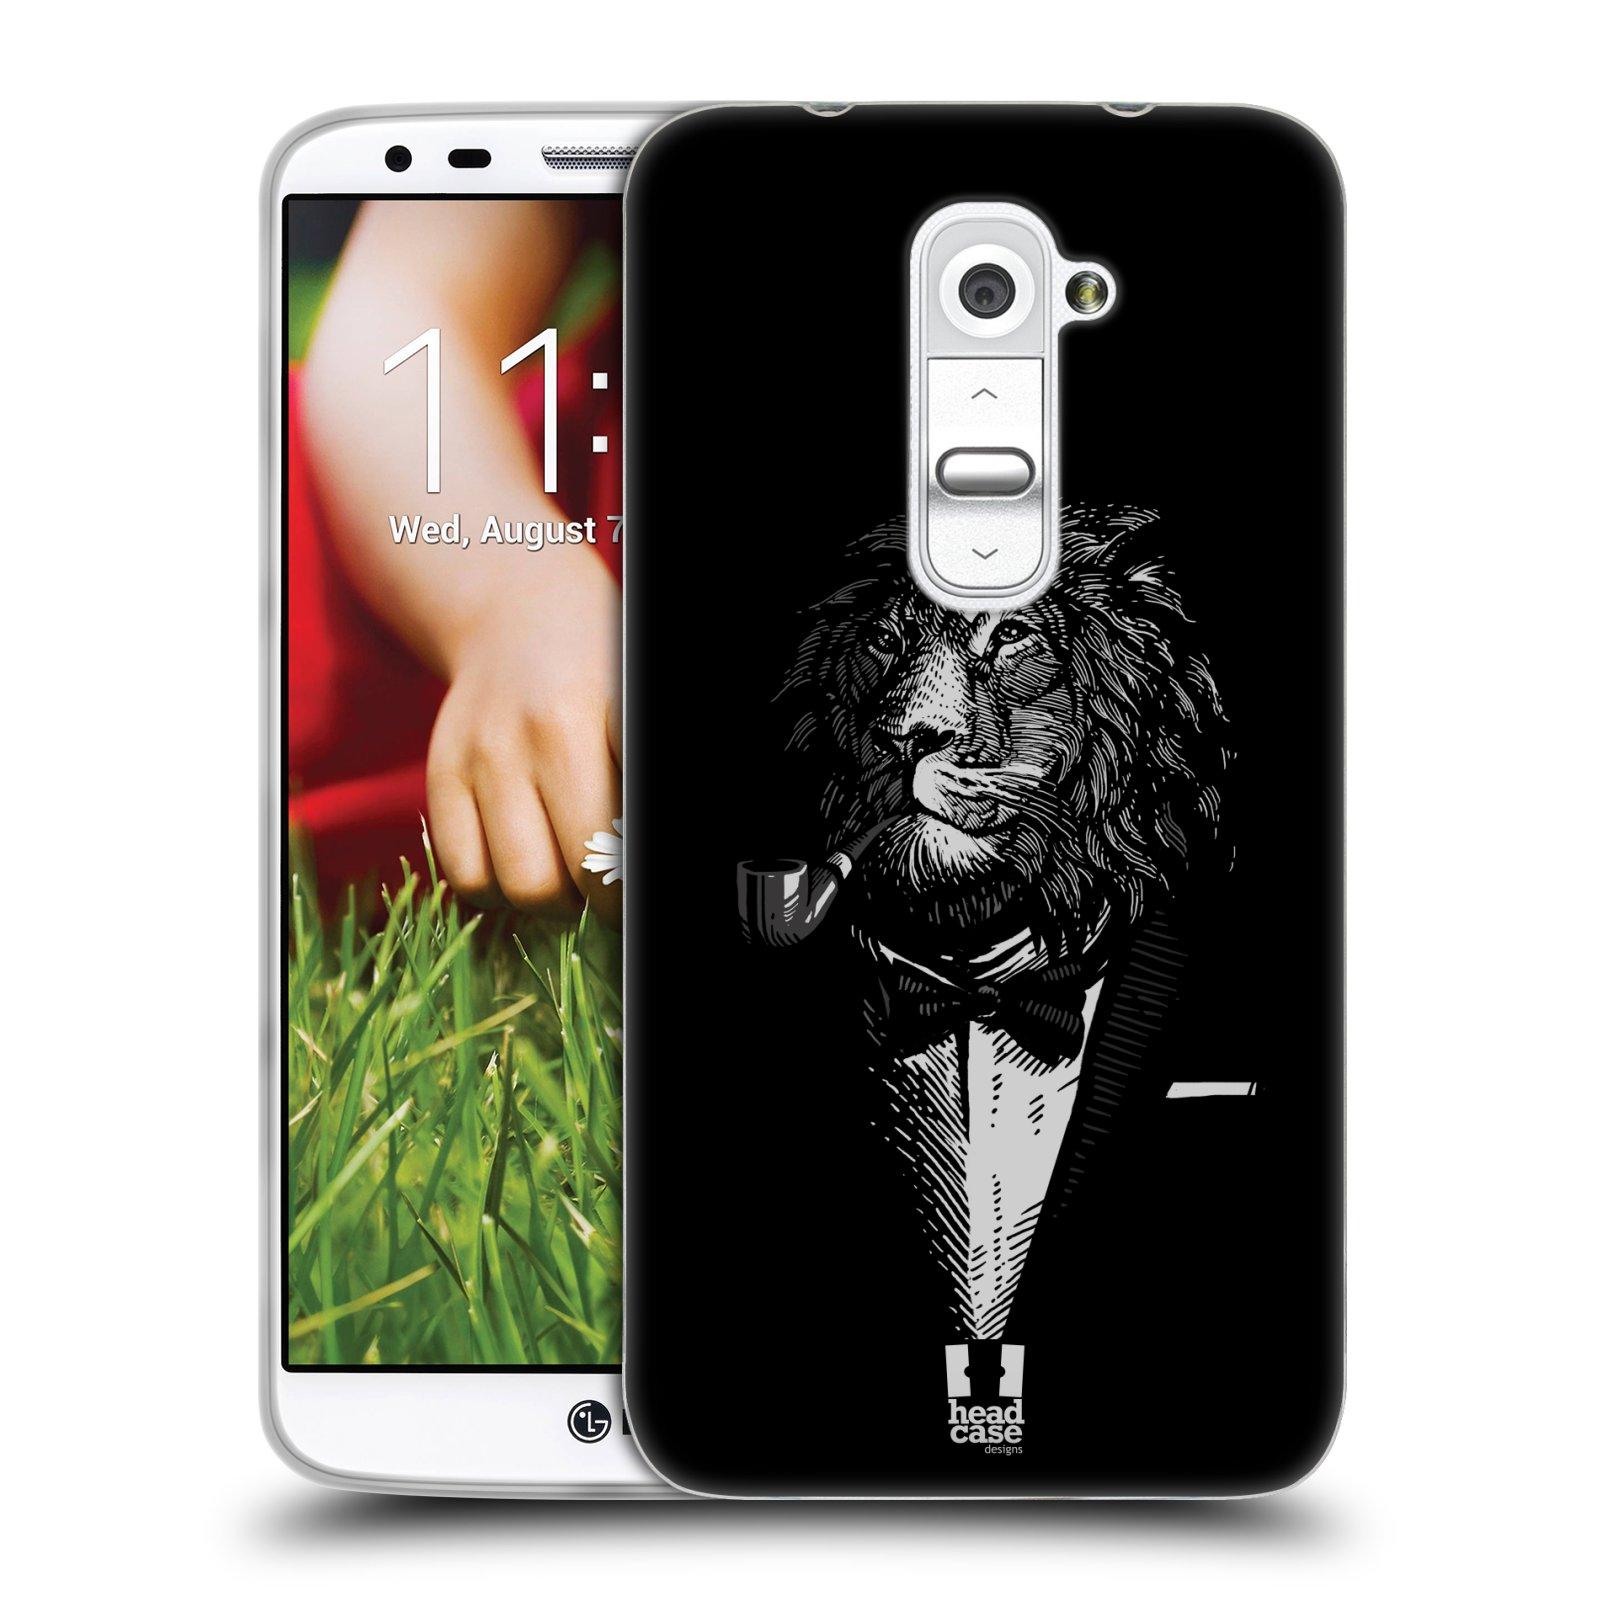 HEAD CASE silikonový obal na mobil LG G2 vzor Zvíře v obleku lev